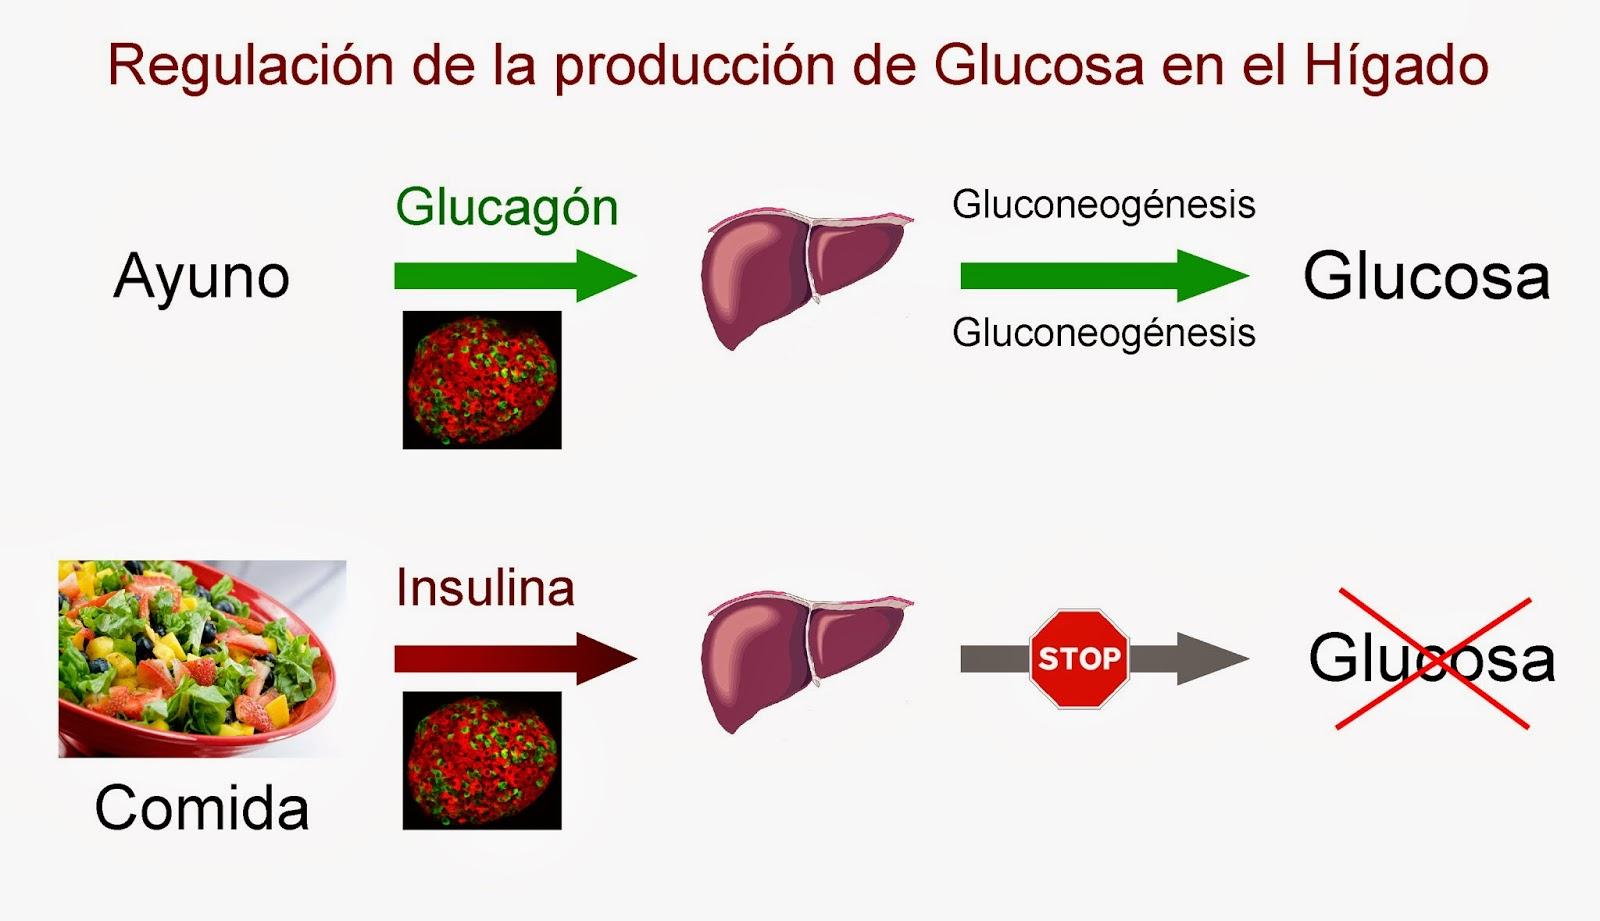 Durante el ayuno el hígado produce glucosa, que se inhibe tras una comida